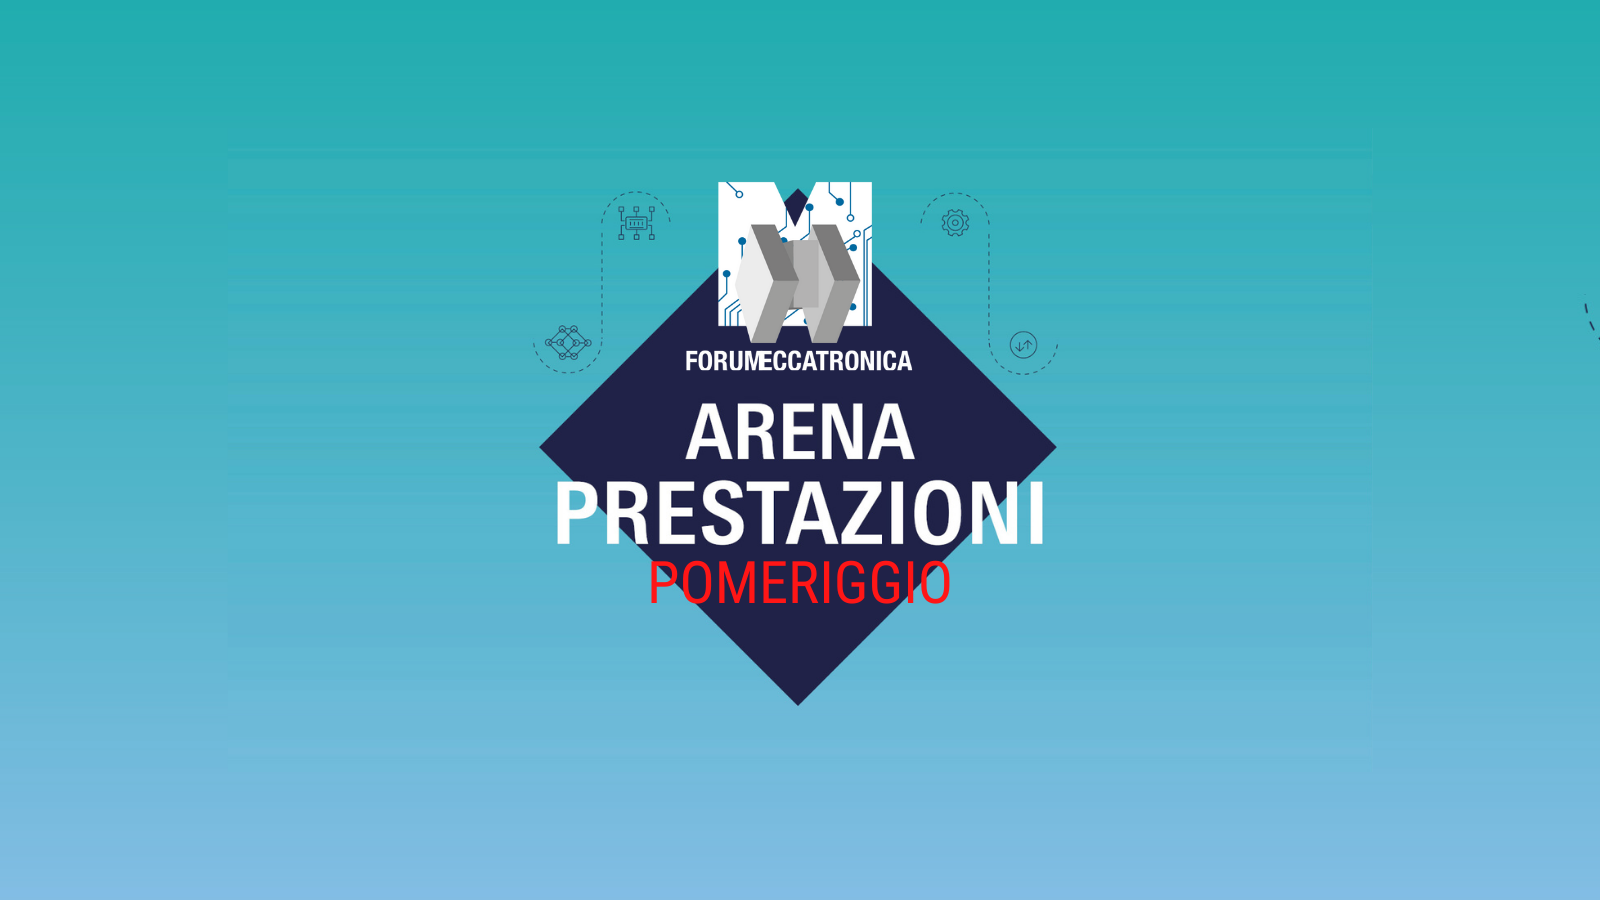 Forum Meccatronica 2021 - Arena Prestazioni Pomeriggio